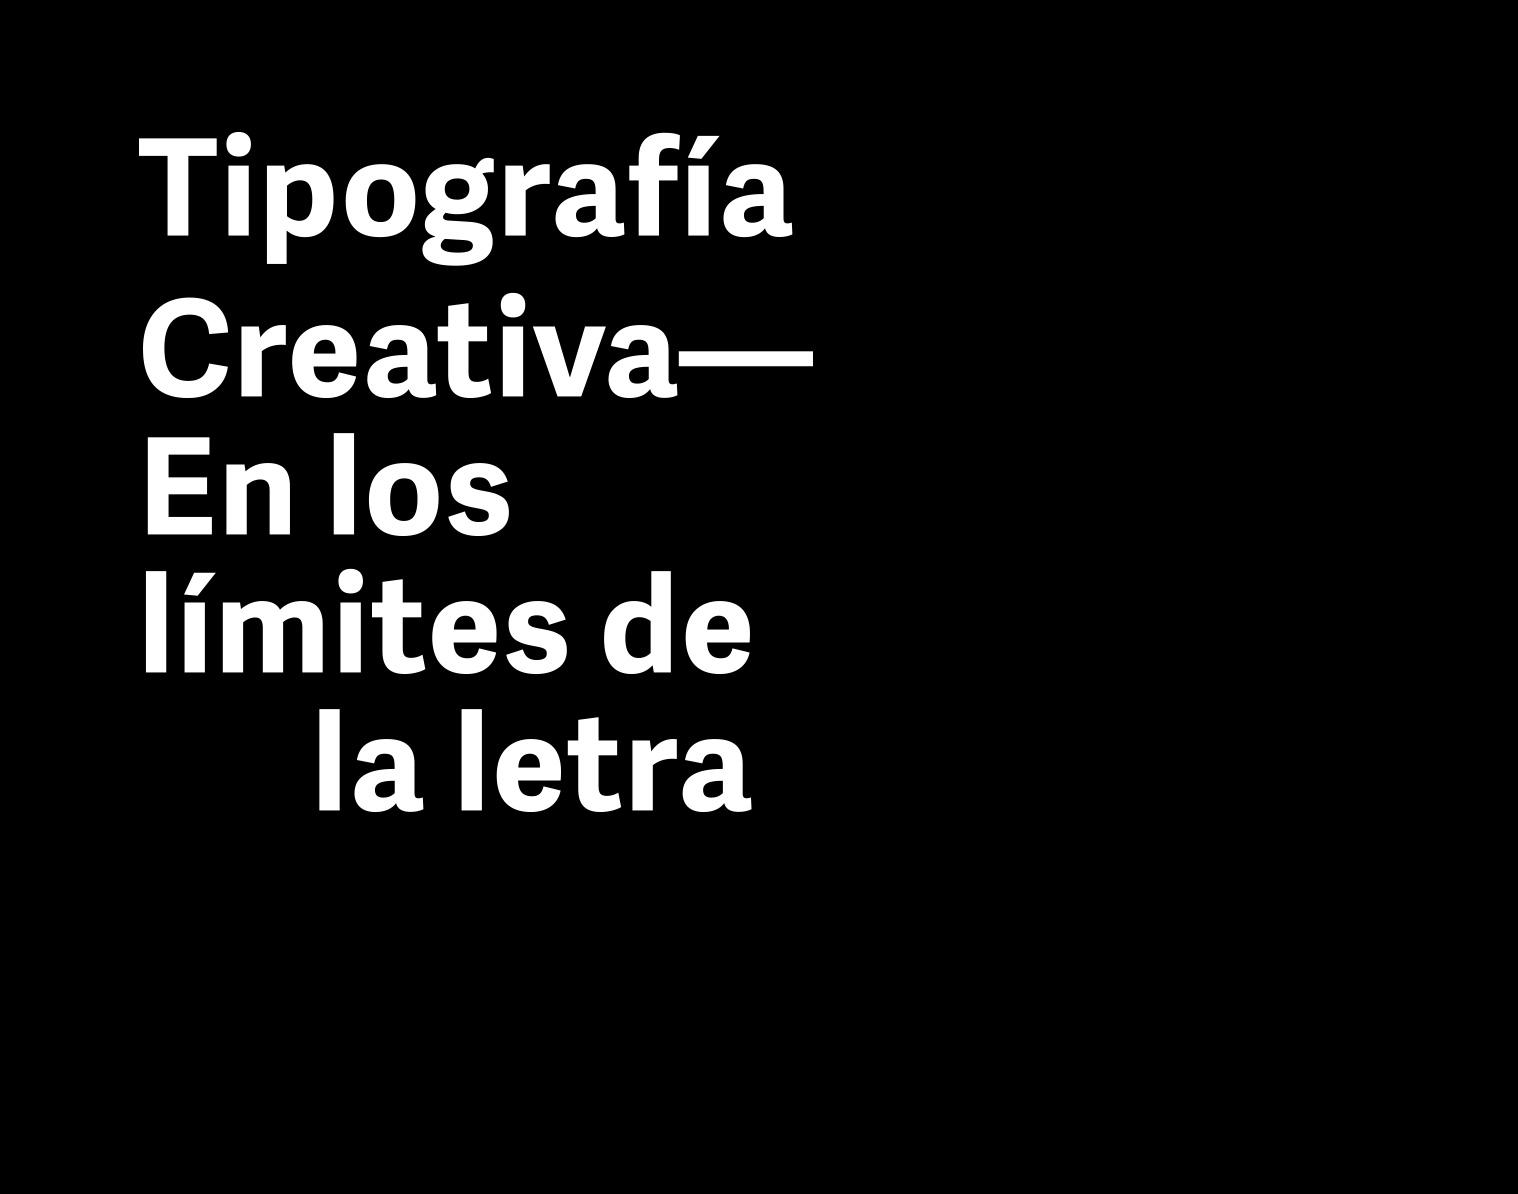 Tipografía creativa. En los límites de la letra   Rayitas Azules ...